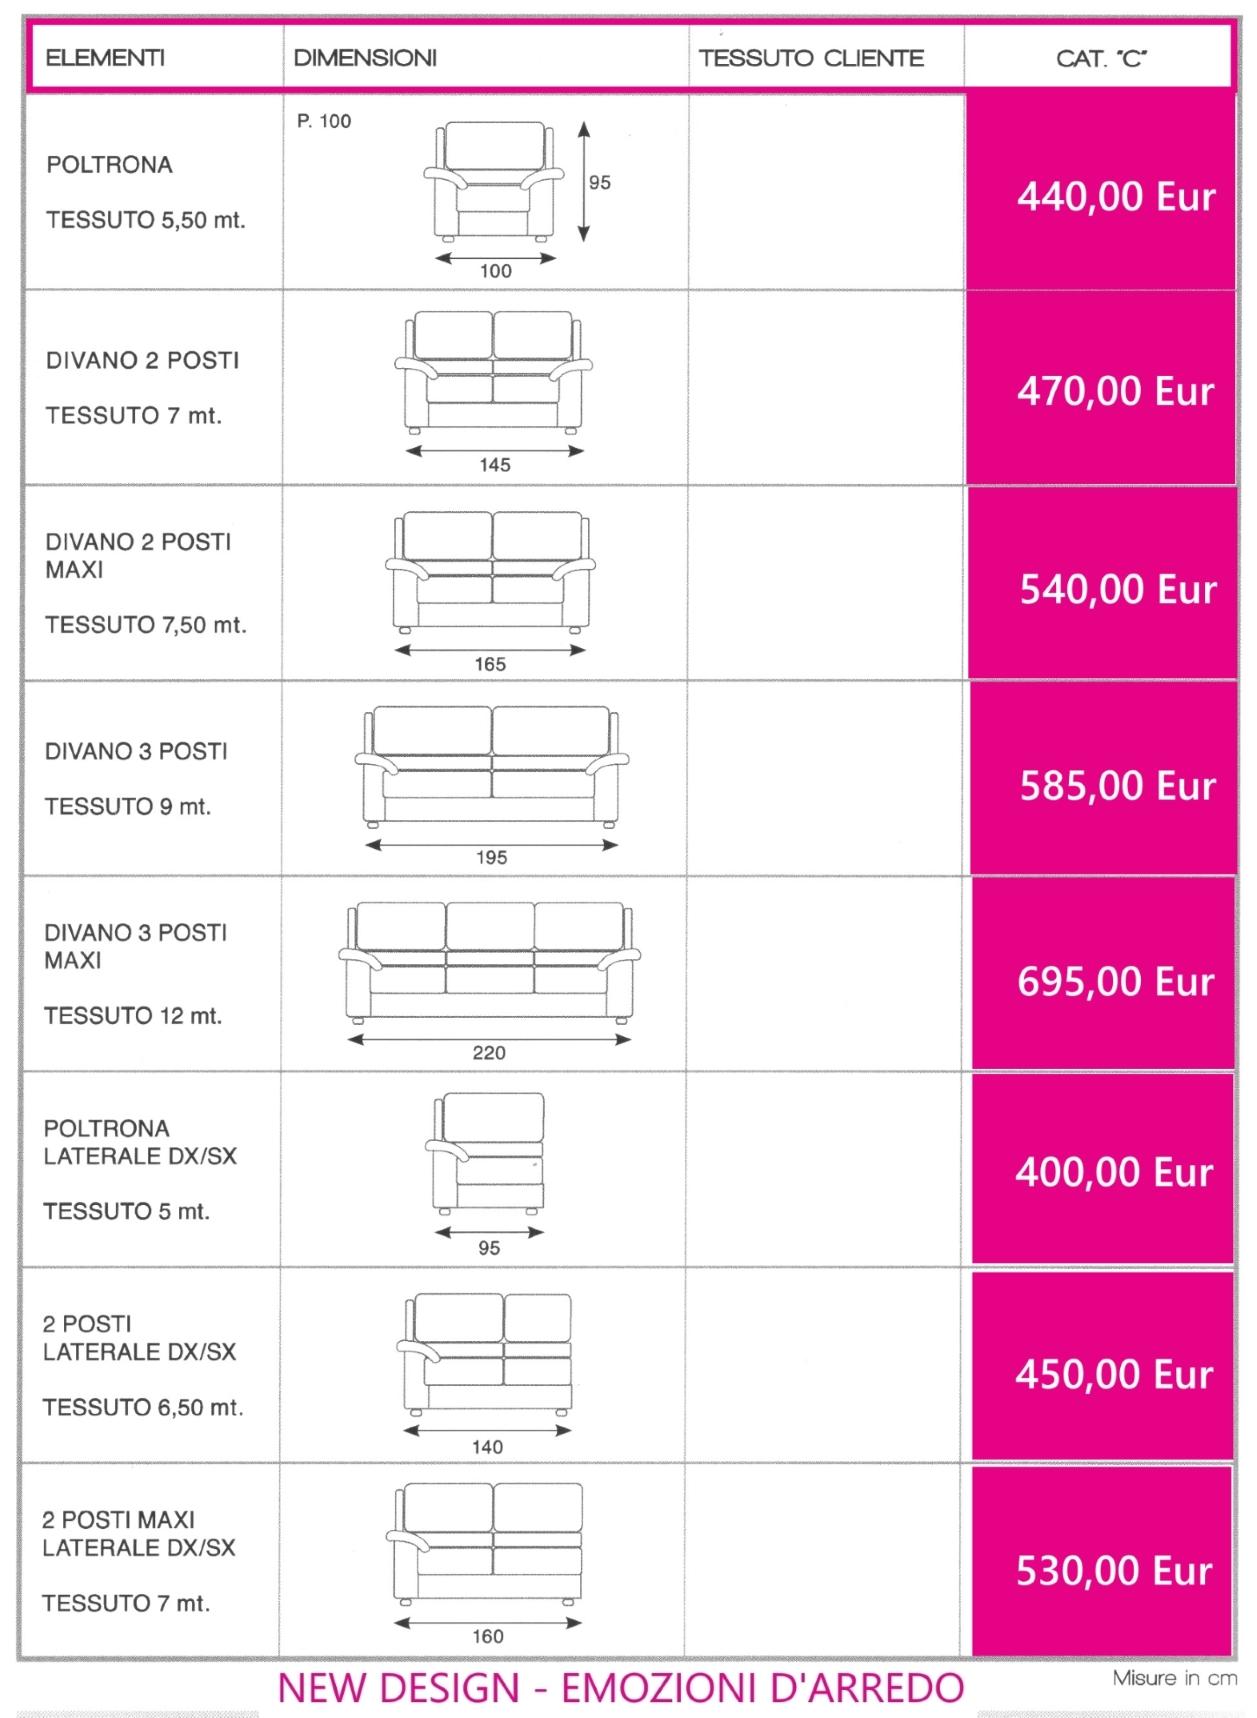 Divano maxim 3 posti con chaise longue divani a prezzi for Dimensioni divano 2 posti